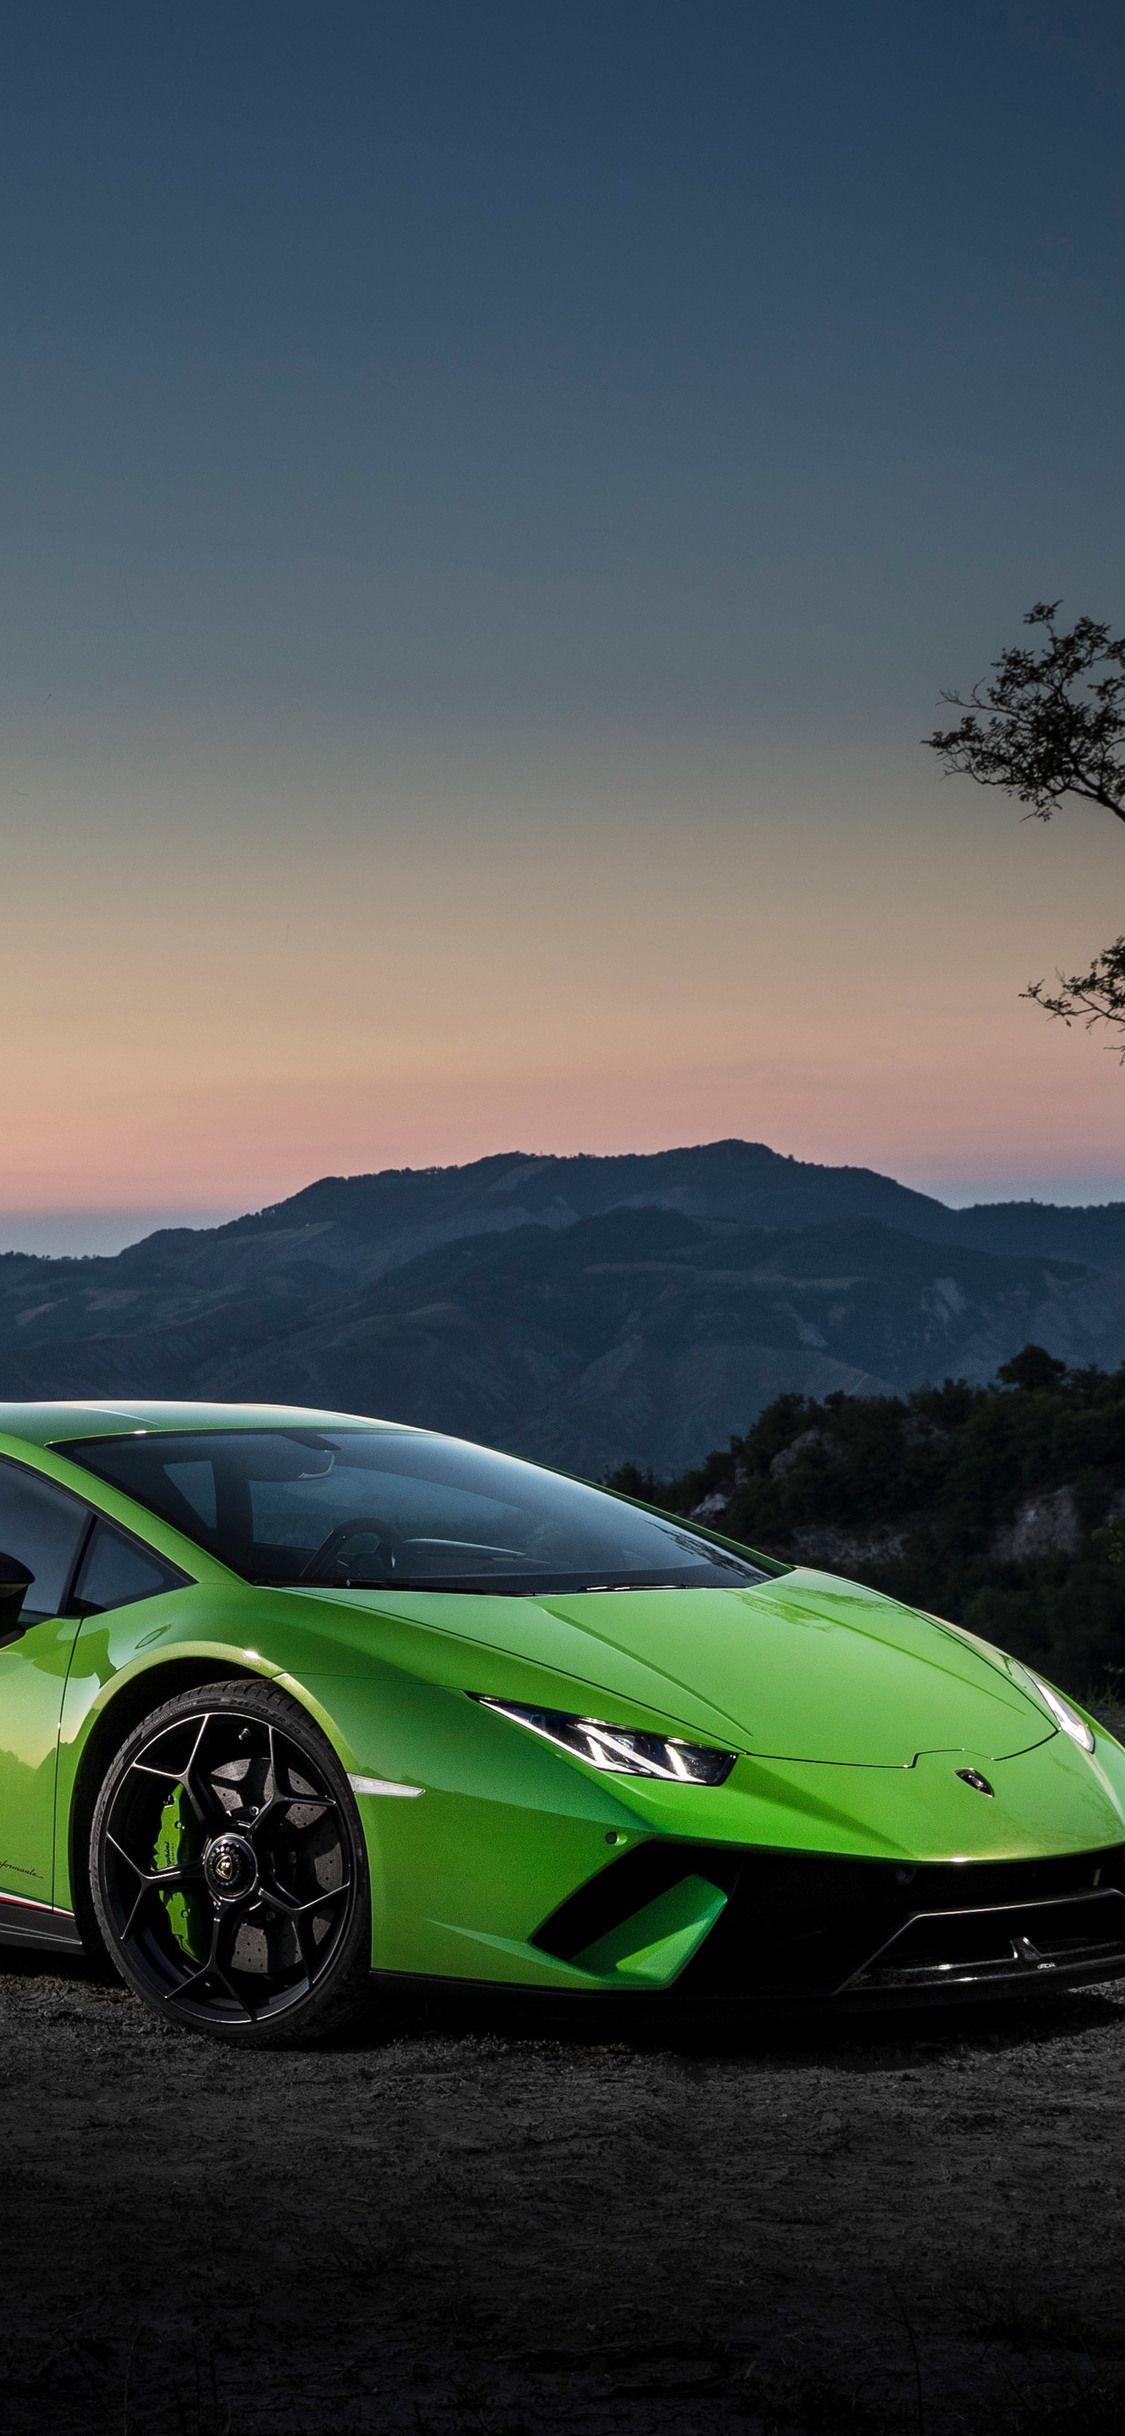 Green Lamborghini Huracan 4k Iphone Wallpapers Wallpaper Cave